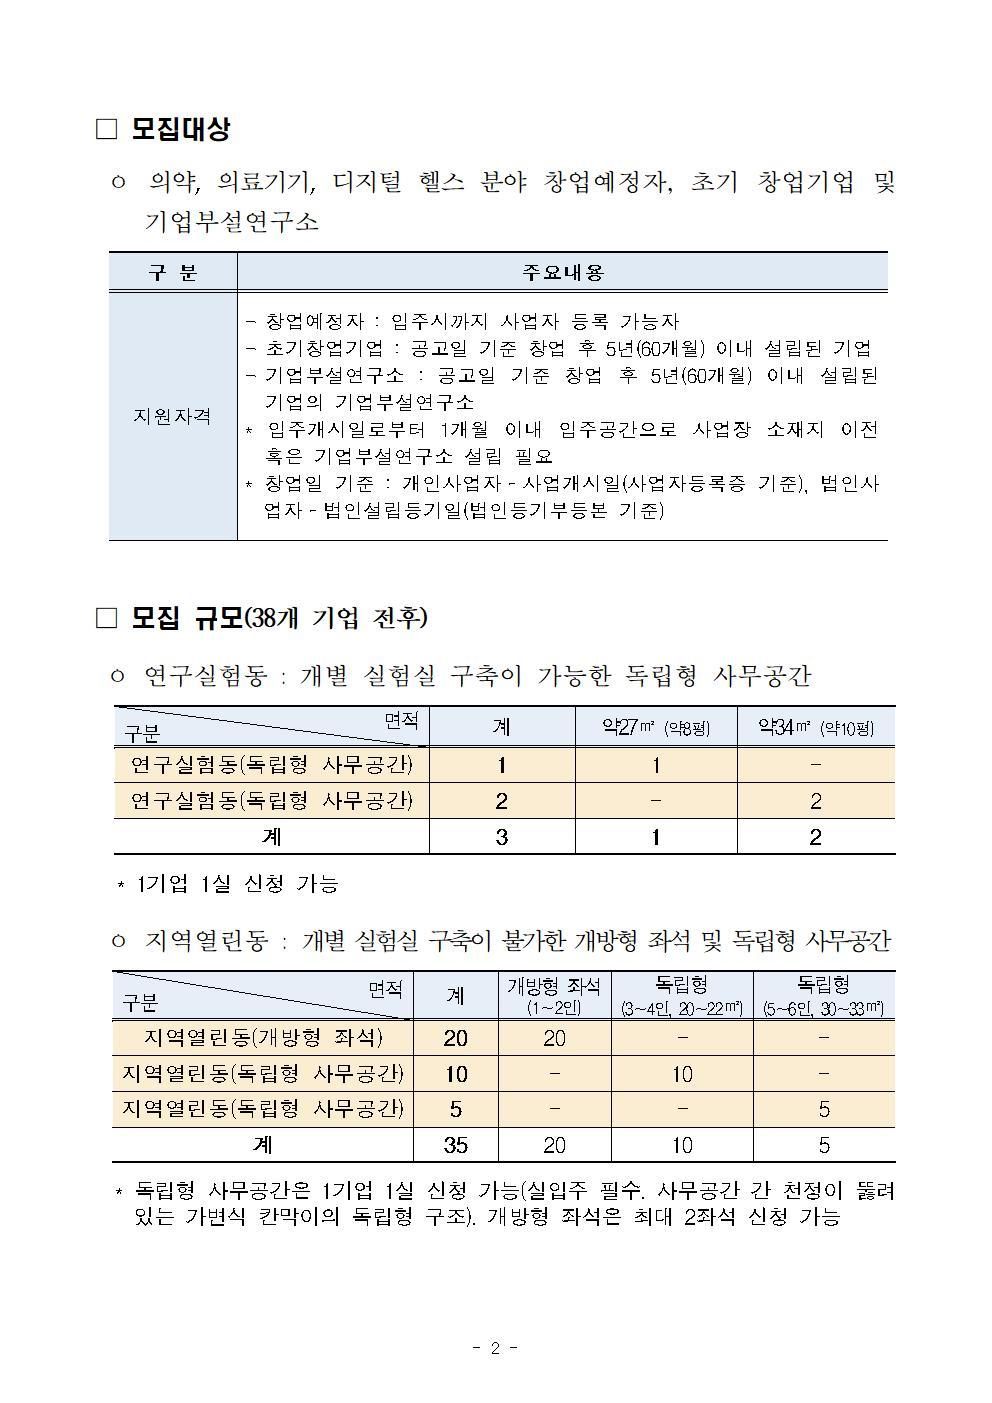 2019년 서울바이오허브 혁신 창업기업 모집 공고_final002